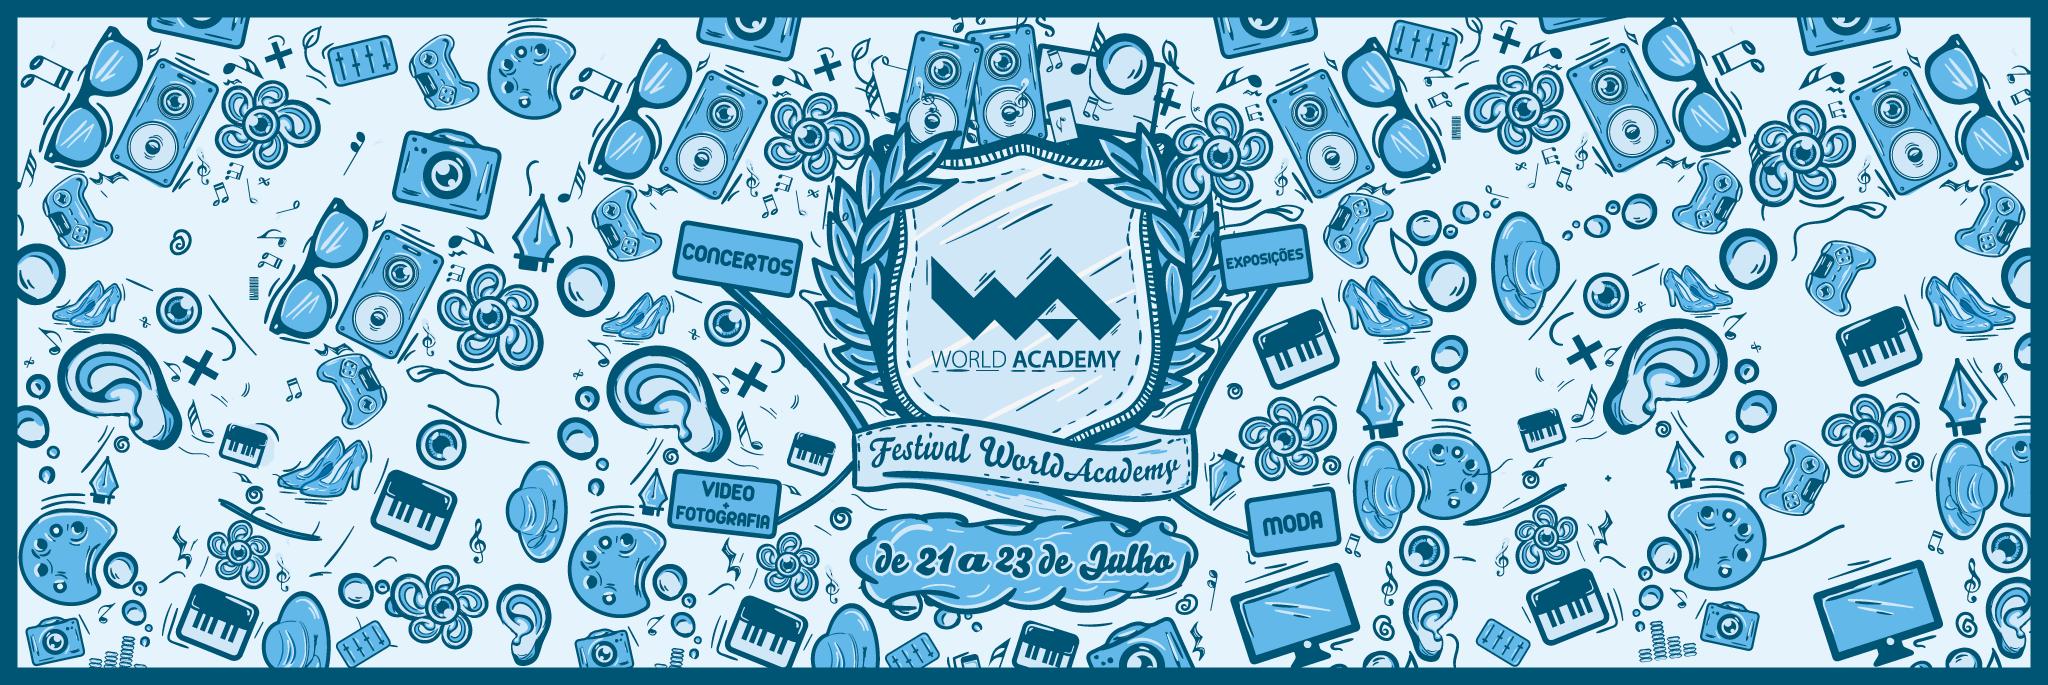 Festival World Academy 2016